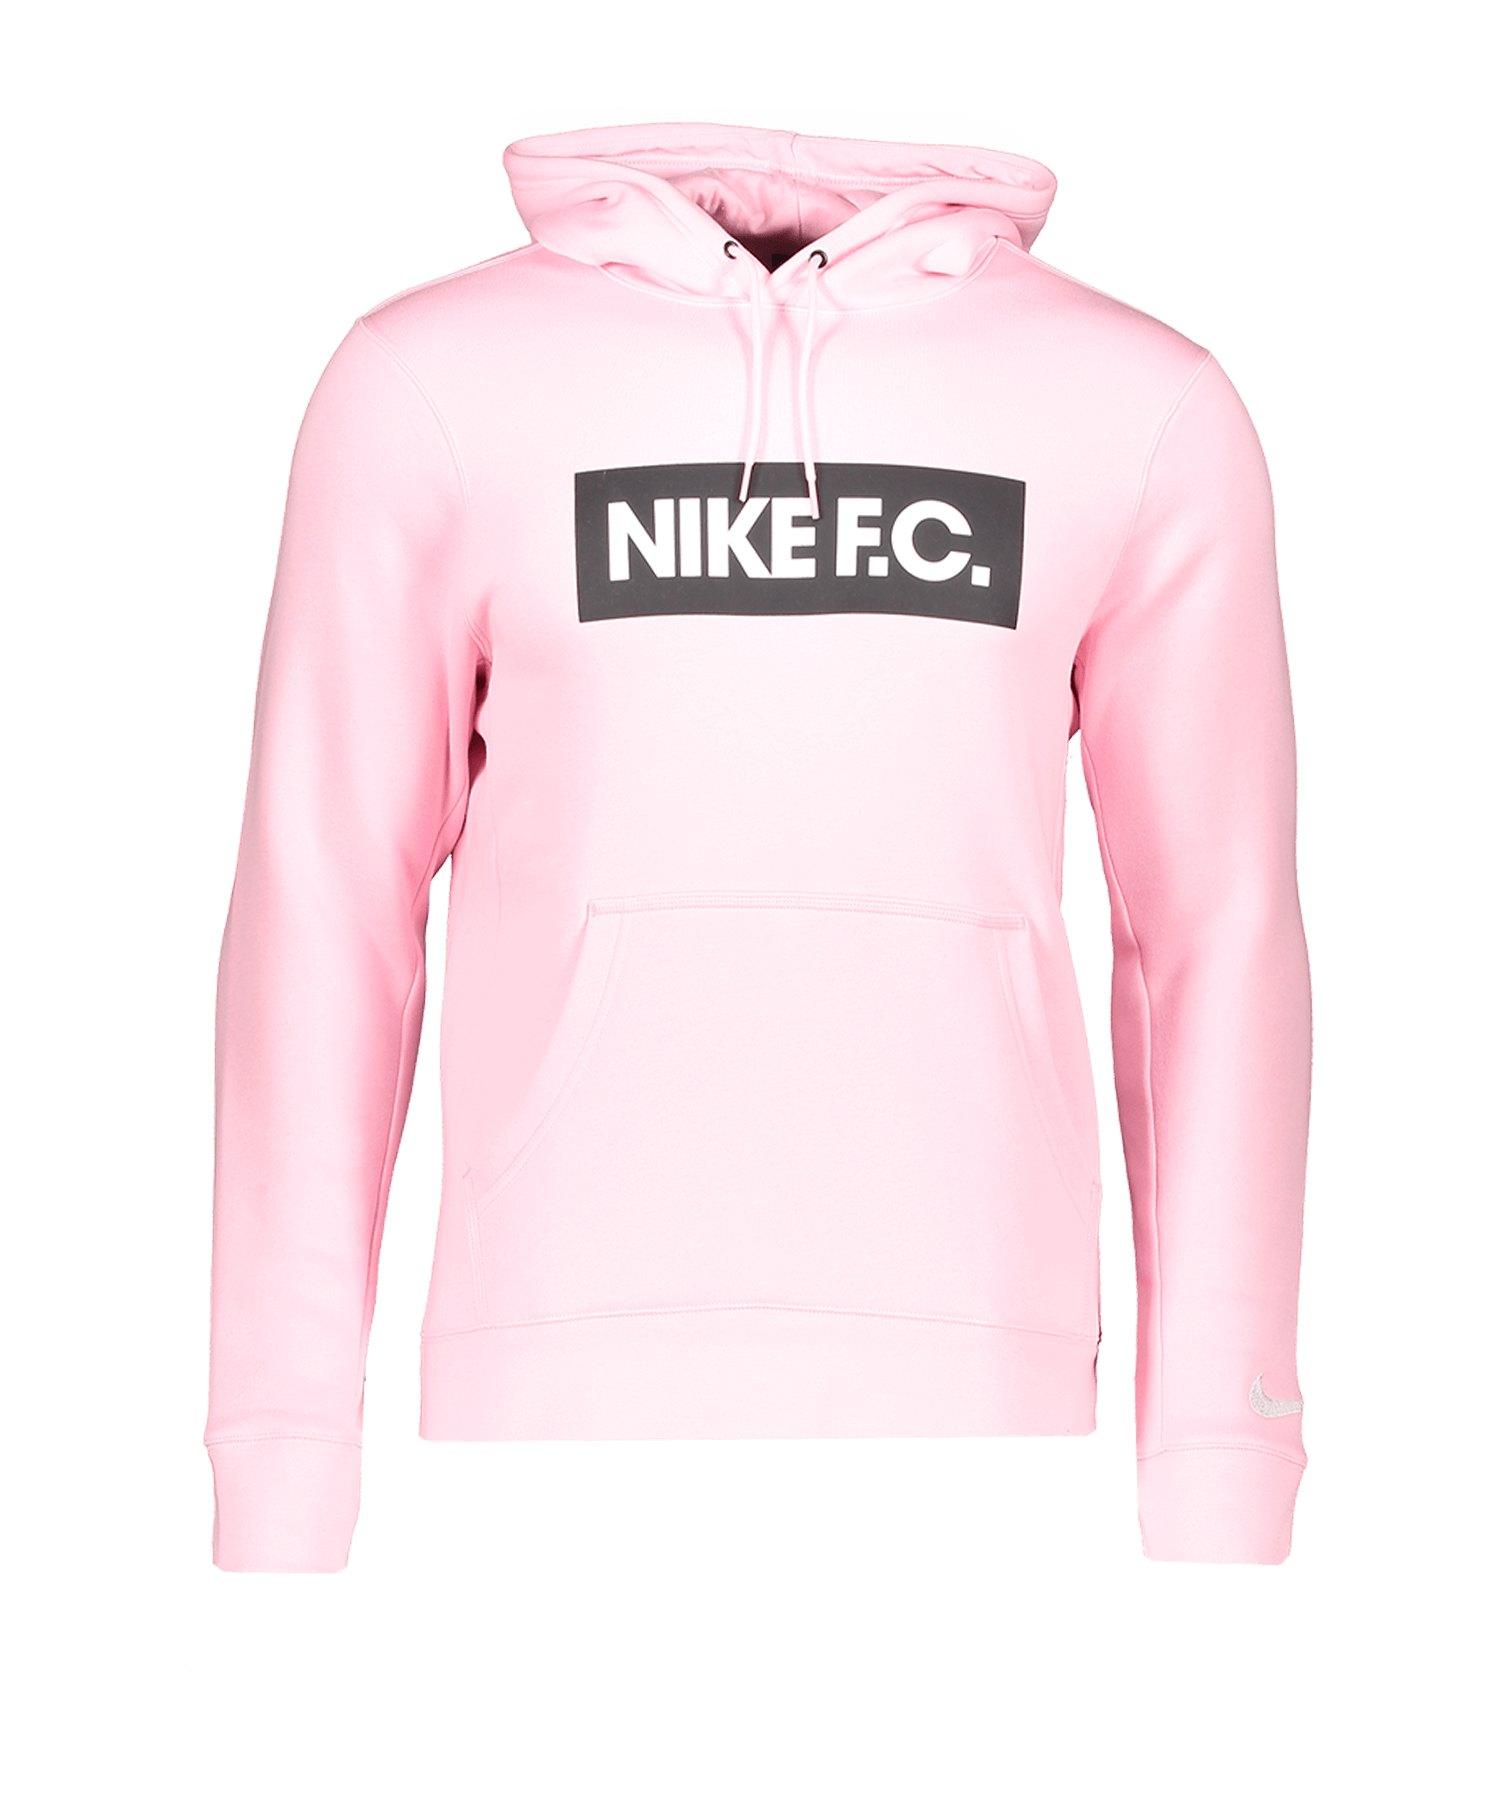 Nike F.C. Fleece Kapuzensweatshirt Pink F654 - pink